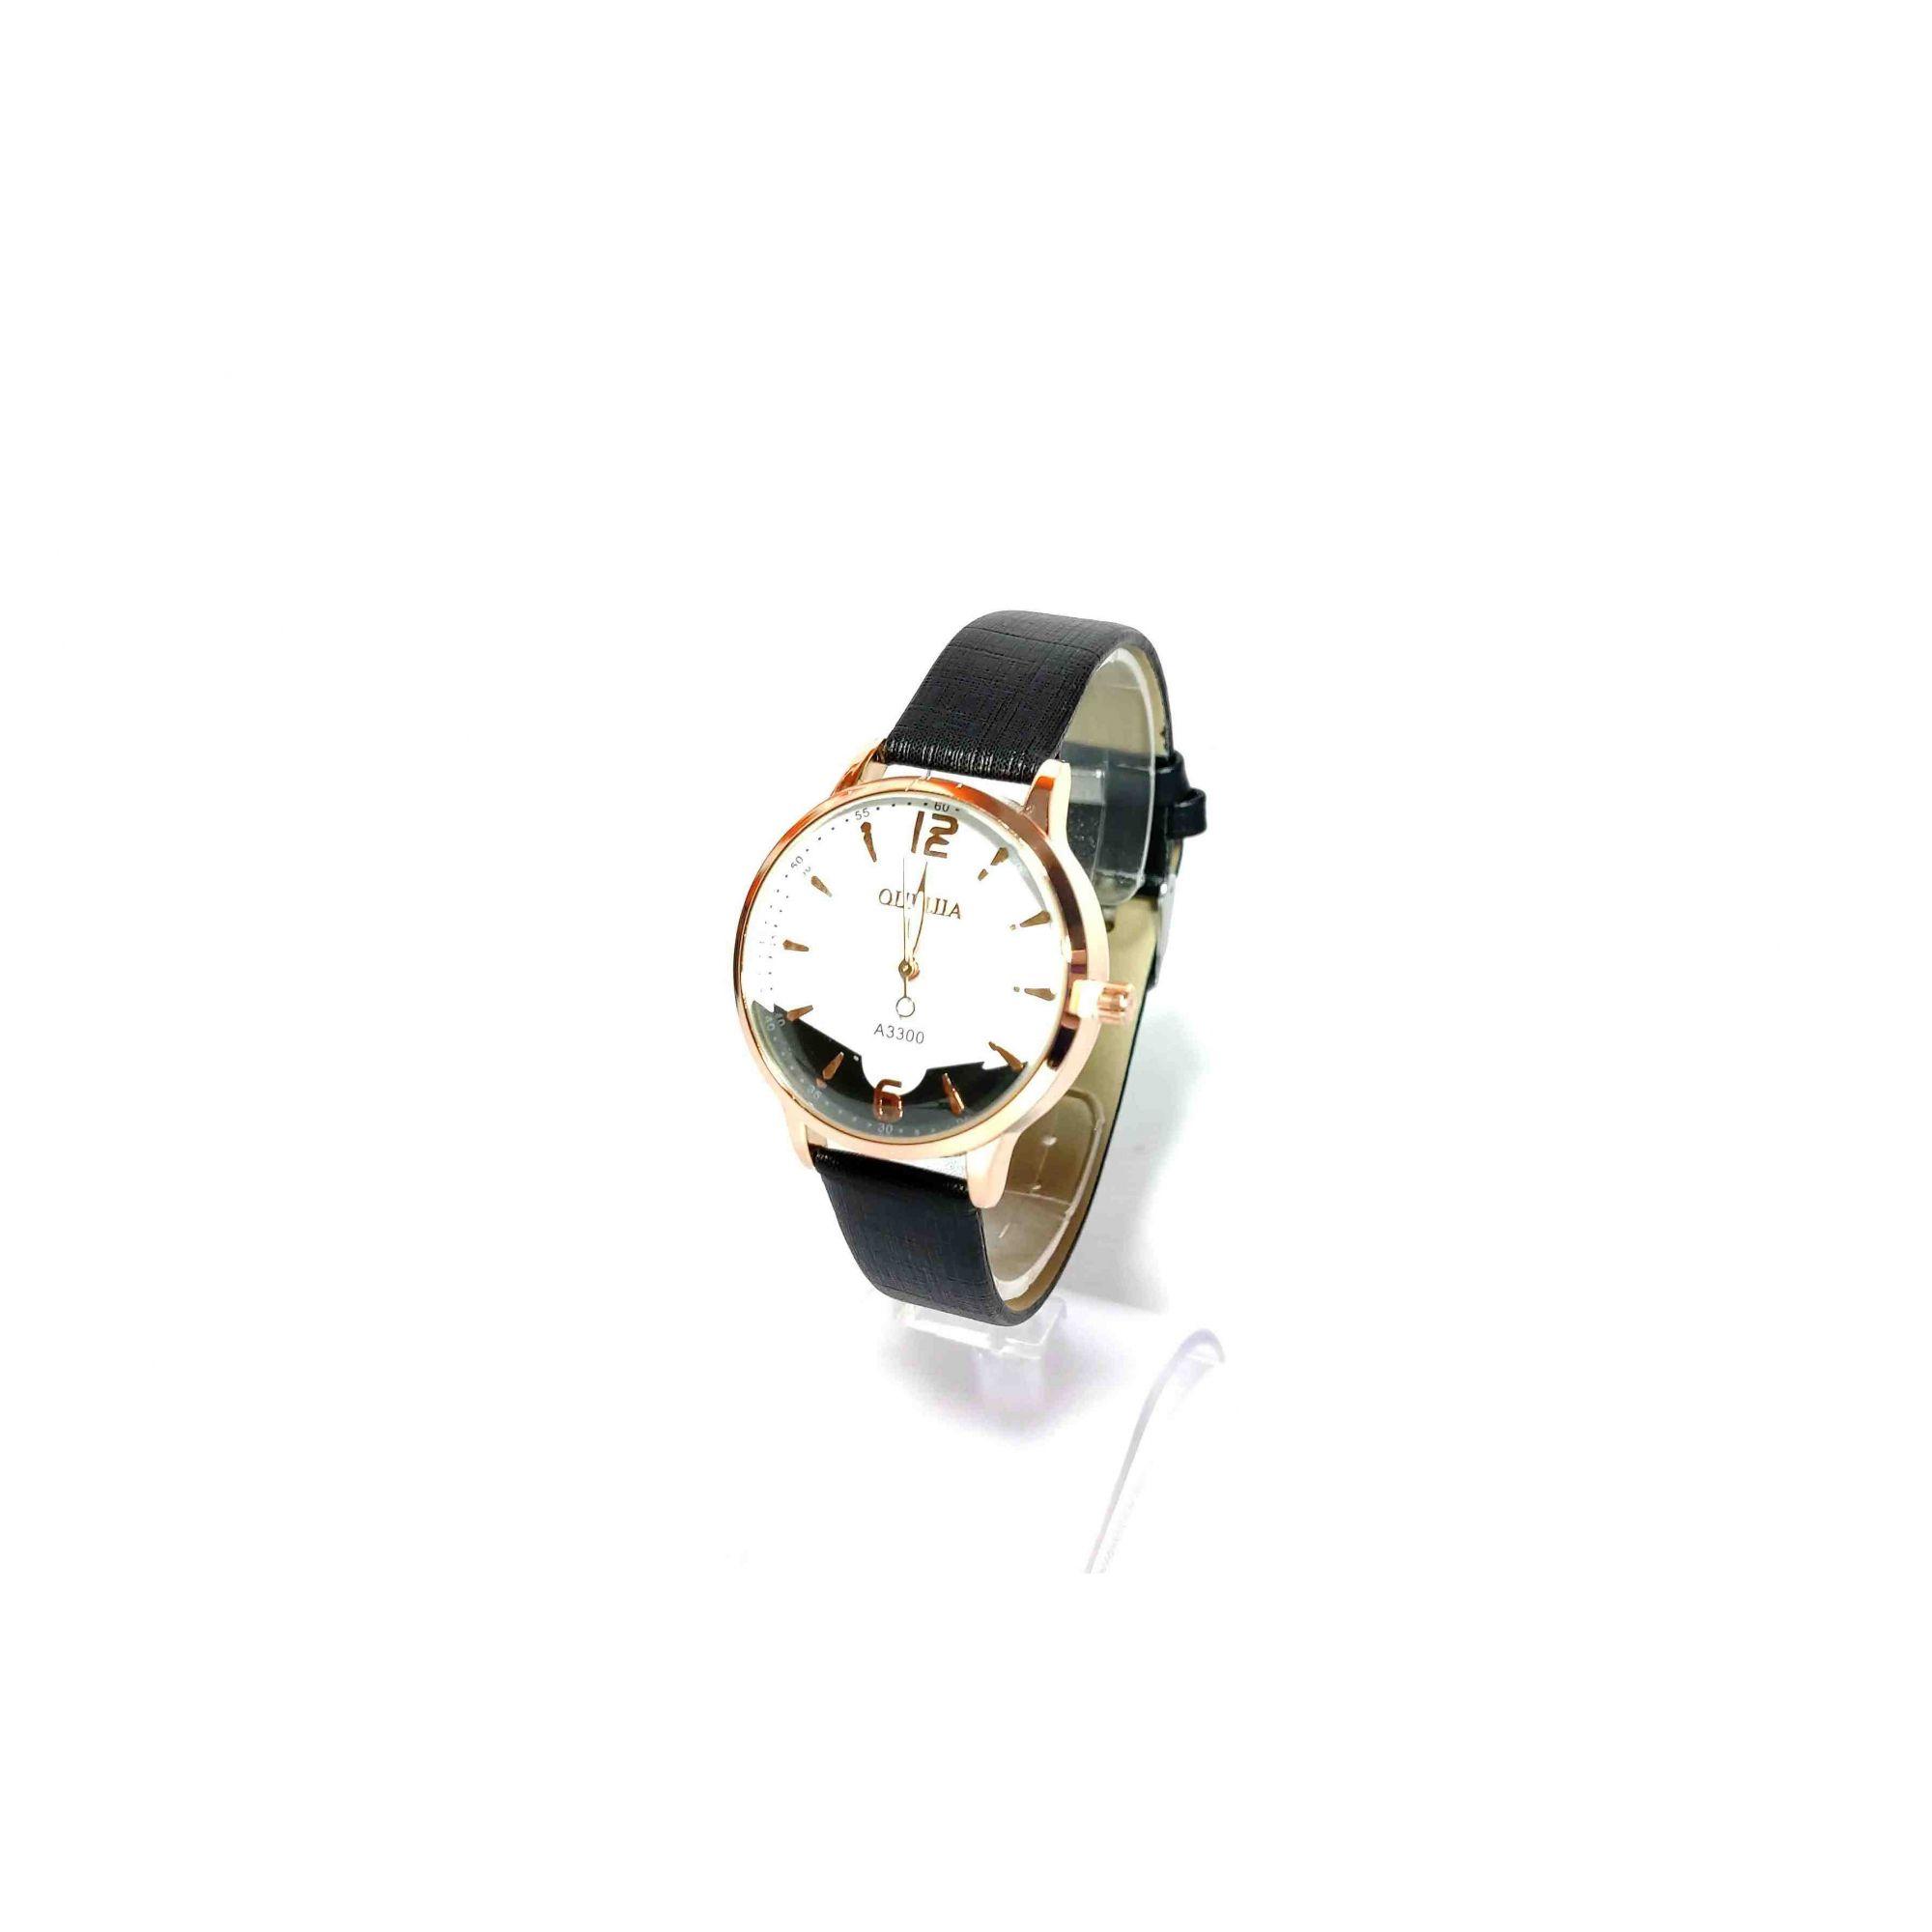 Relógio Feminino Quartz Pulseira Couro Preta A3300